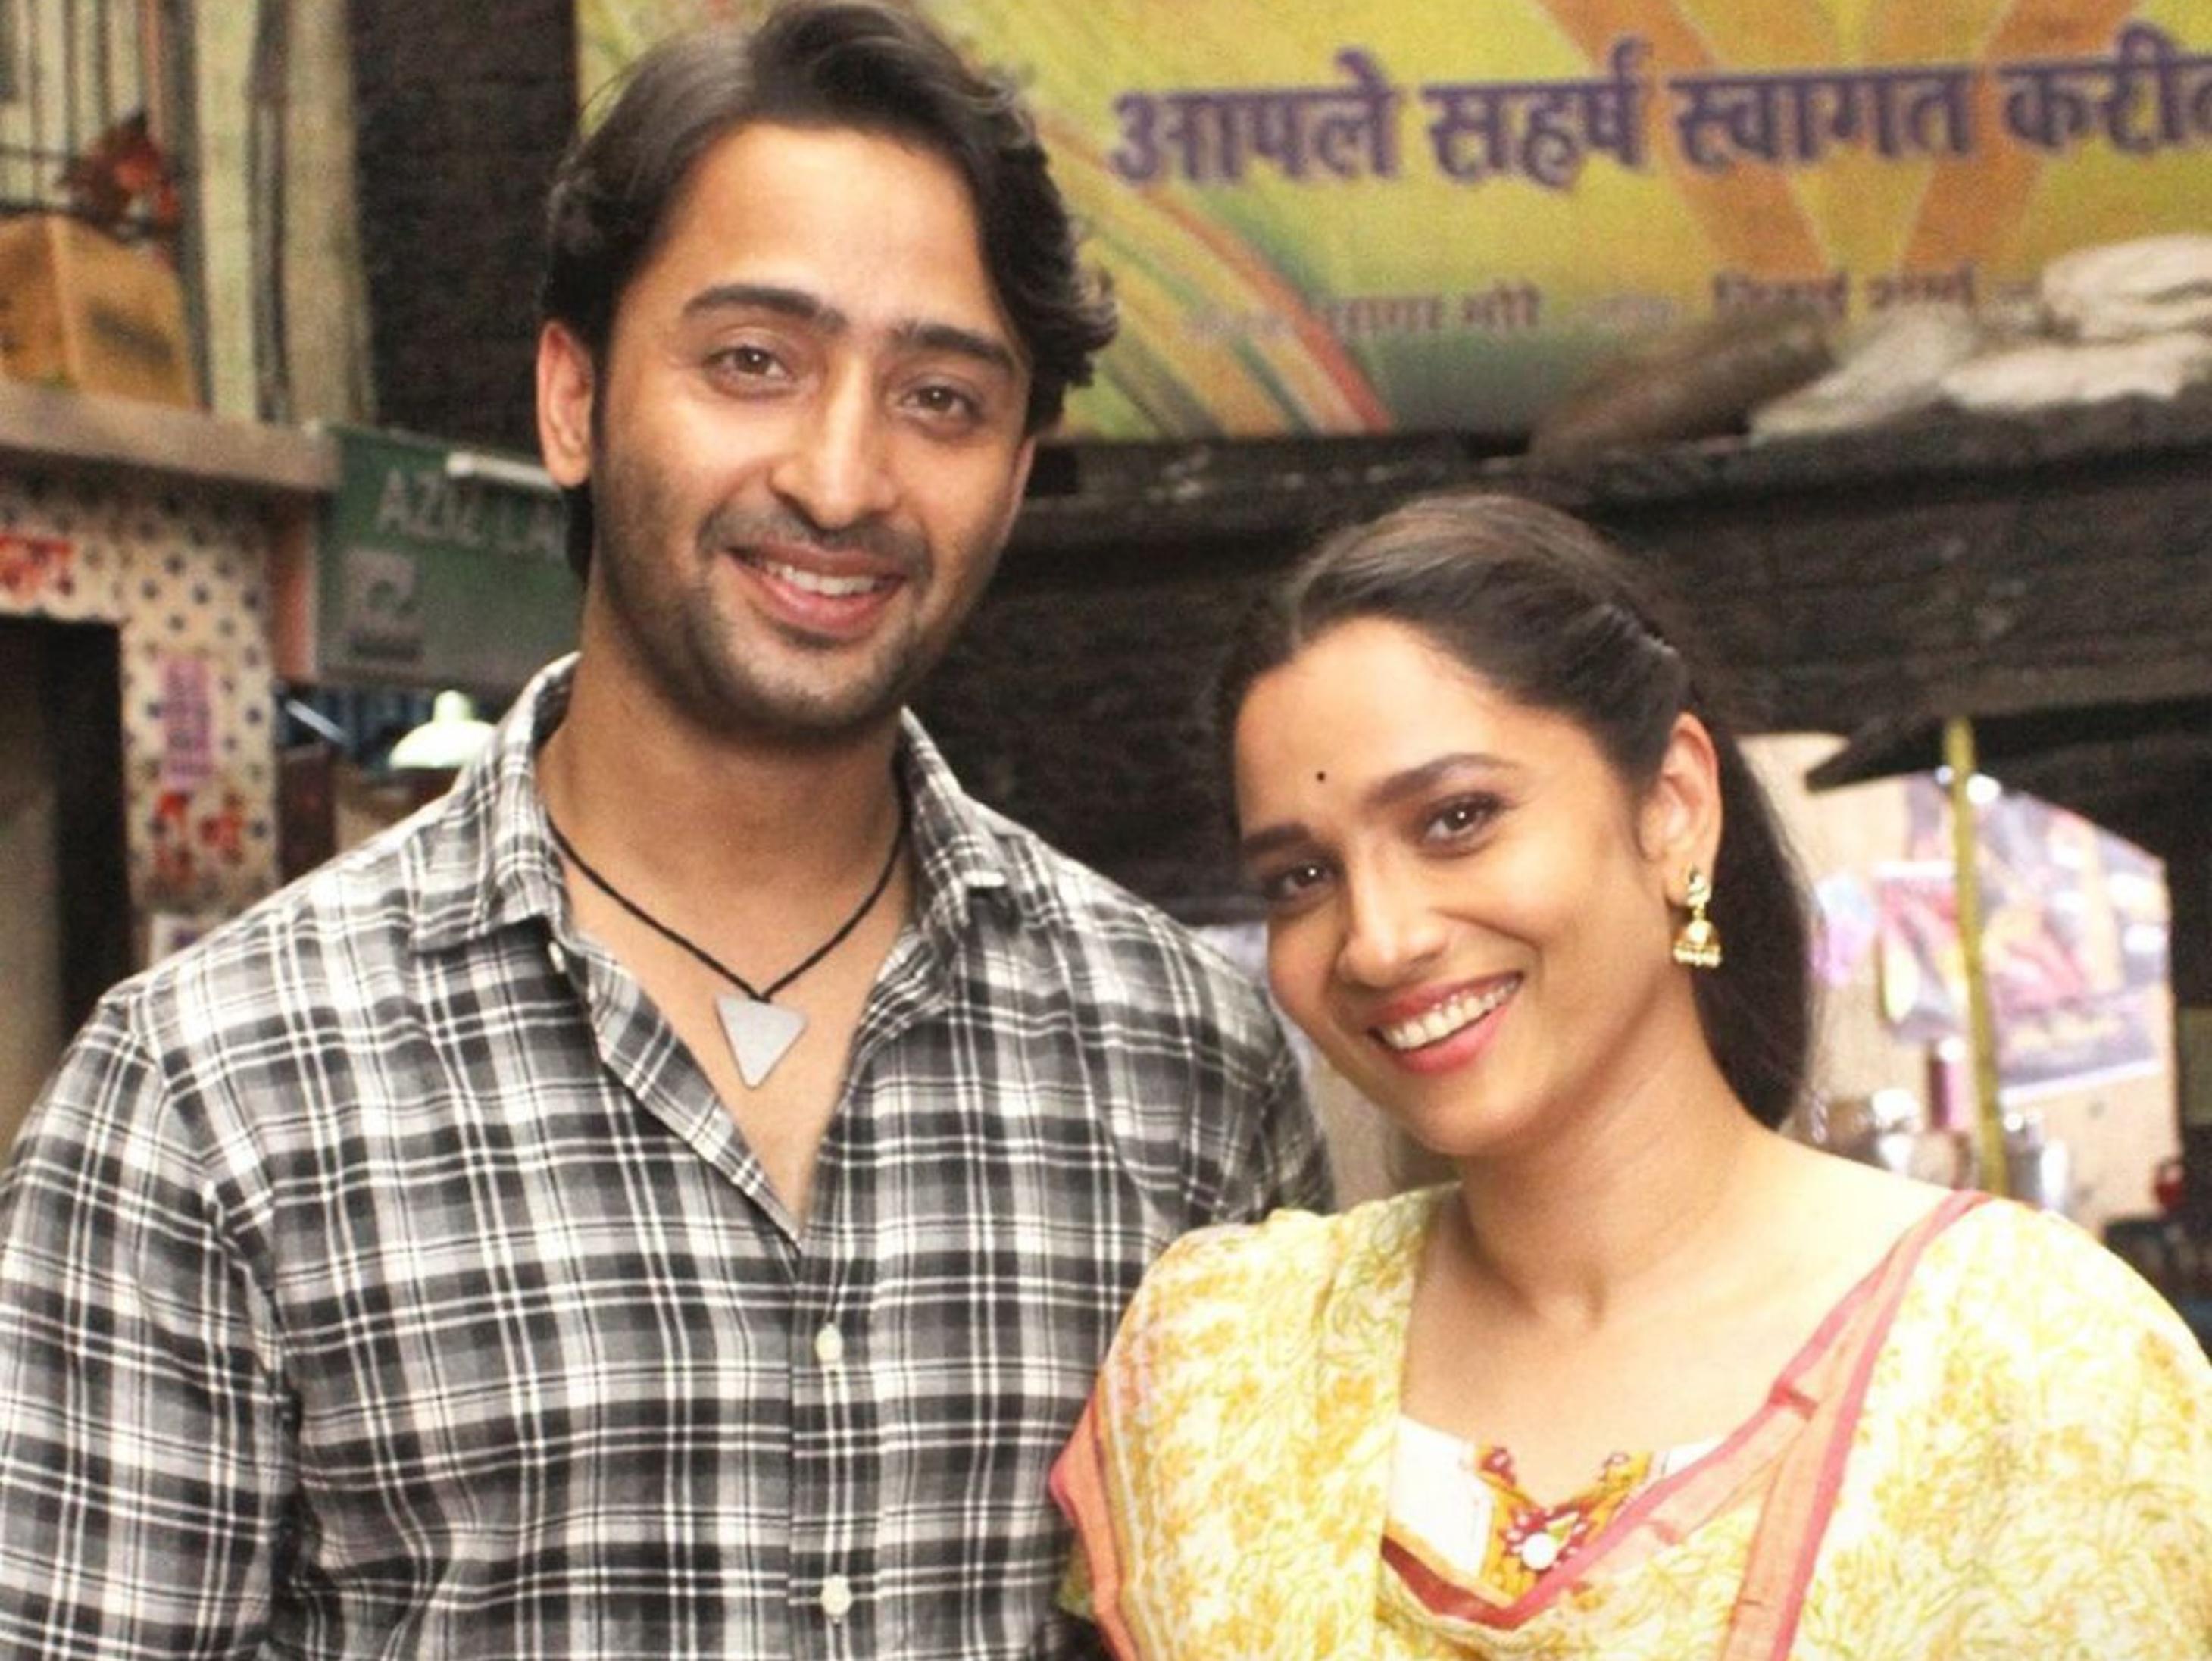 नए शो में सुशांत सिंह राजपूत की जगह शहीर शेख लीड एक्टर होंगे, लीड एक्ट्रेस के लिए अंकिता लोखंडे ही एकता की पसंद|टीवी,TV - Dainik Bhaskar